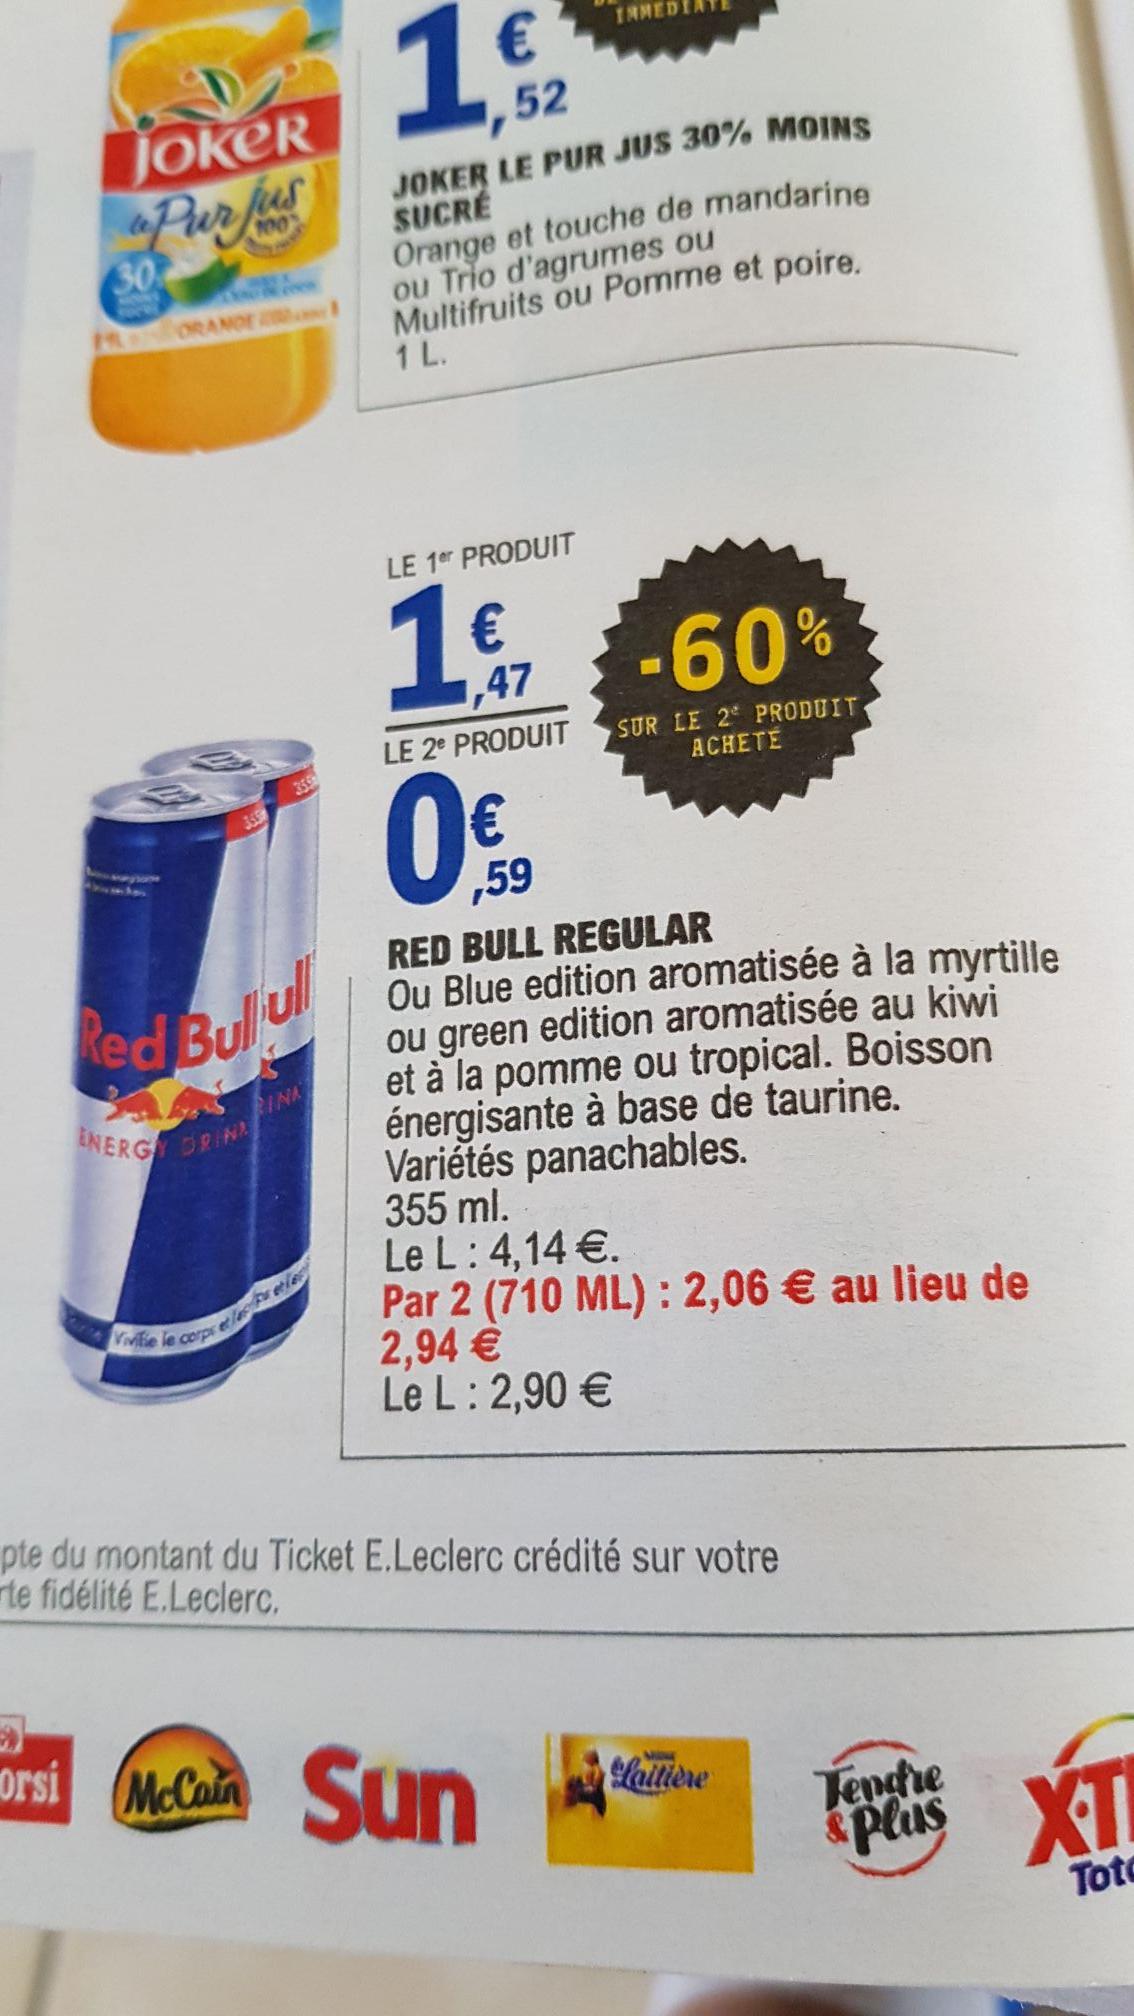 Lot de 2 canettes de Red Bull - Variétés au choix